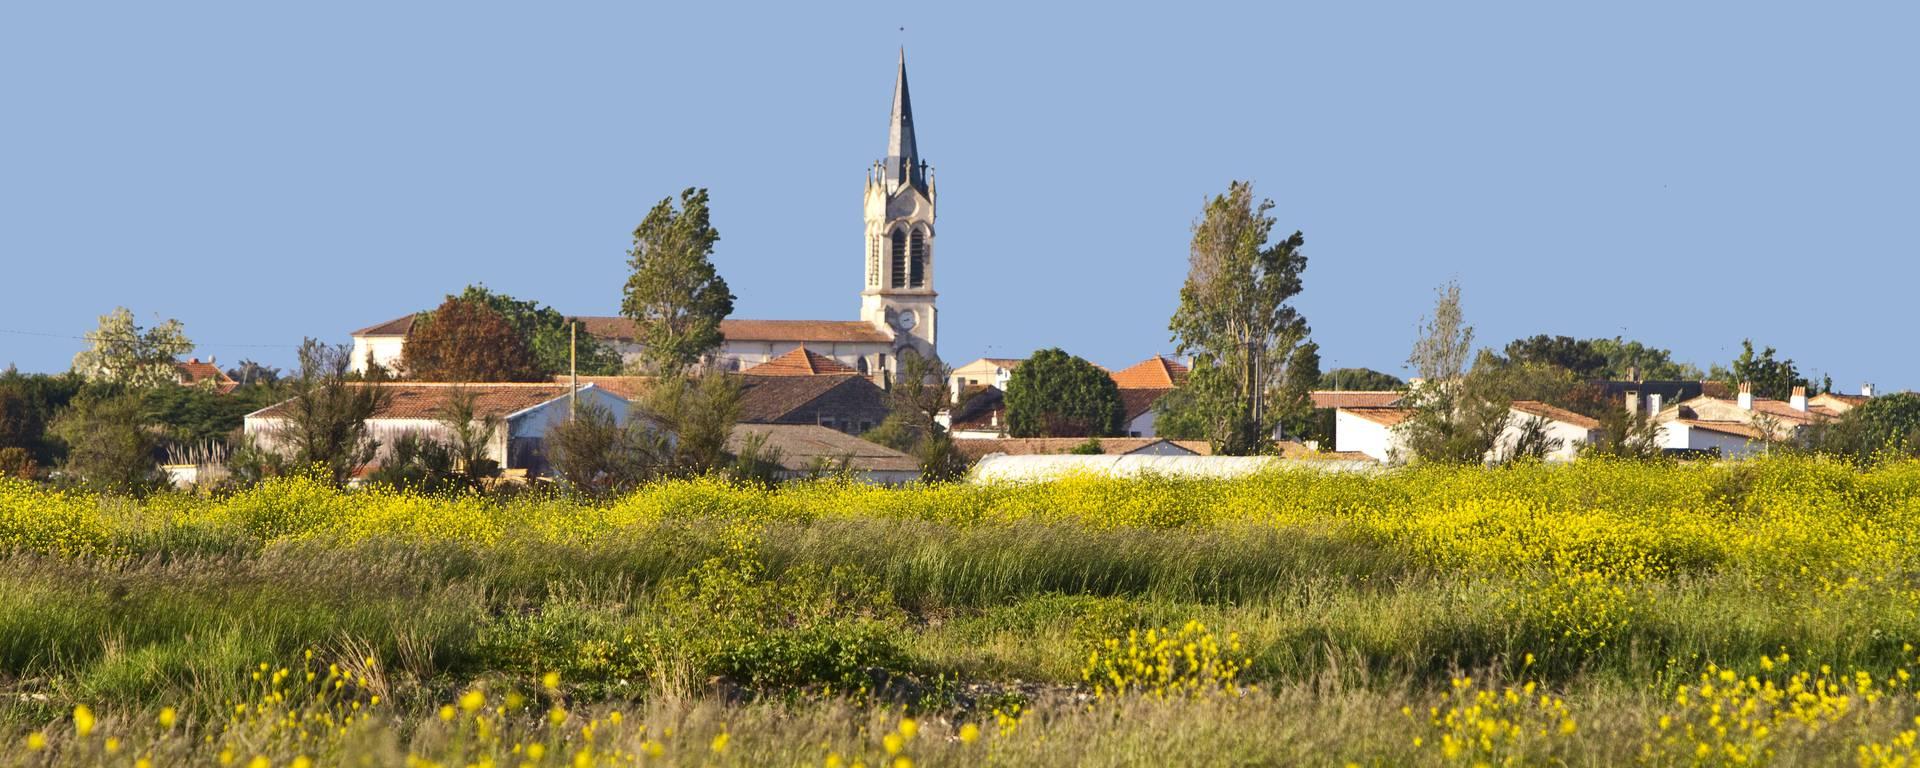 Église vue des marais